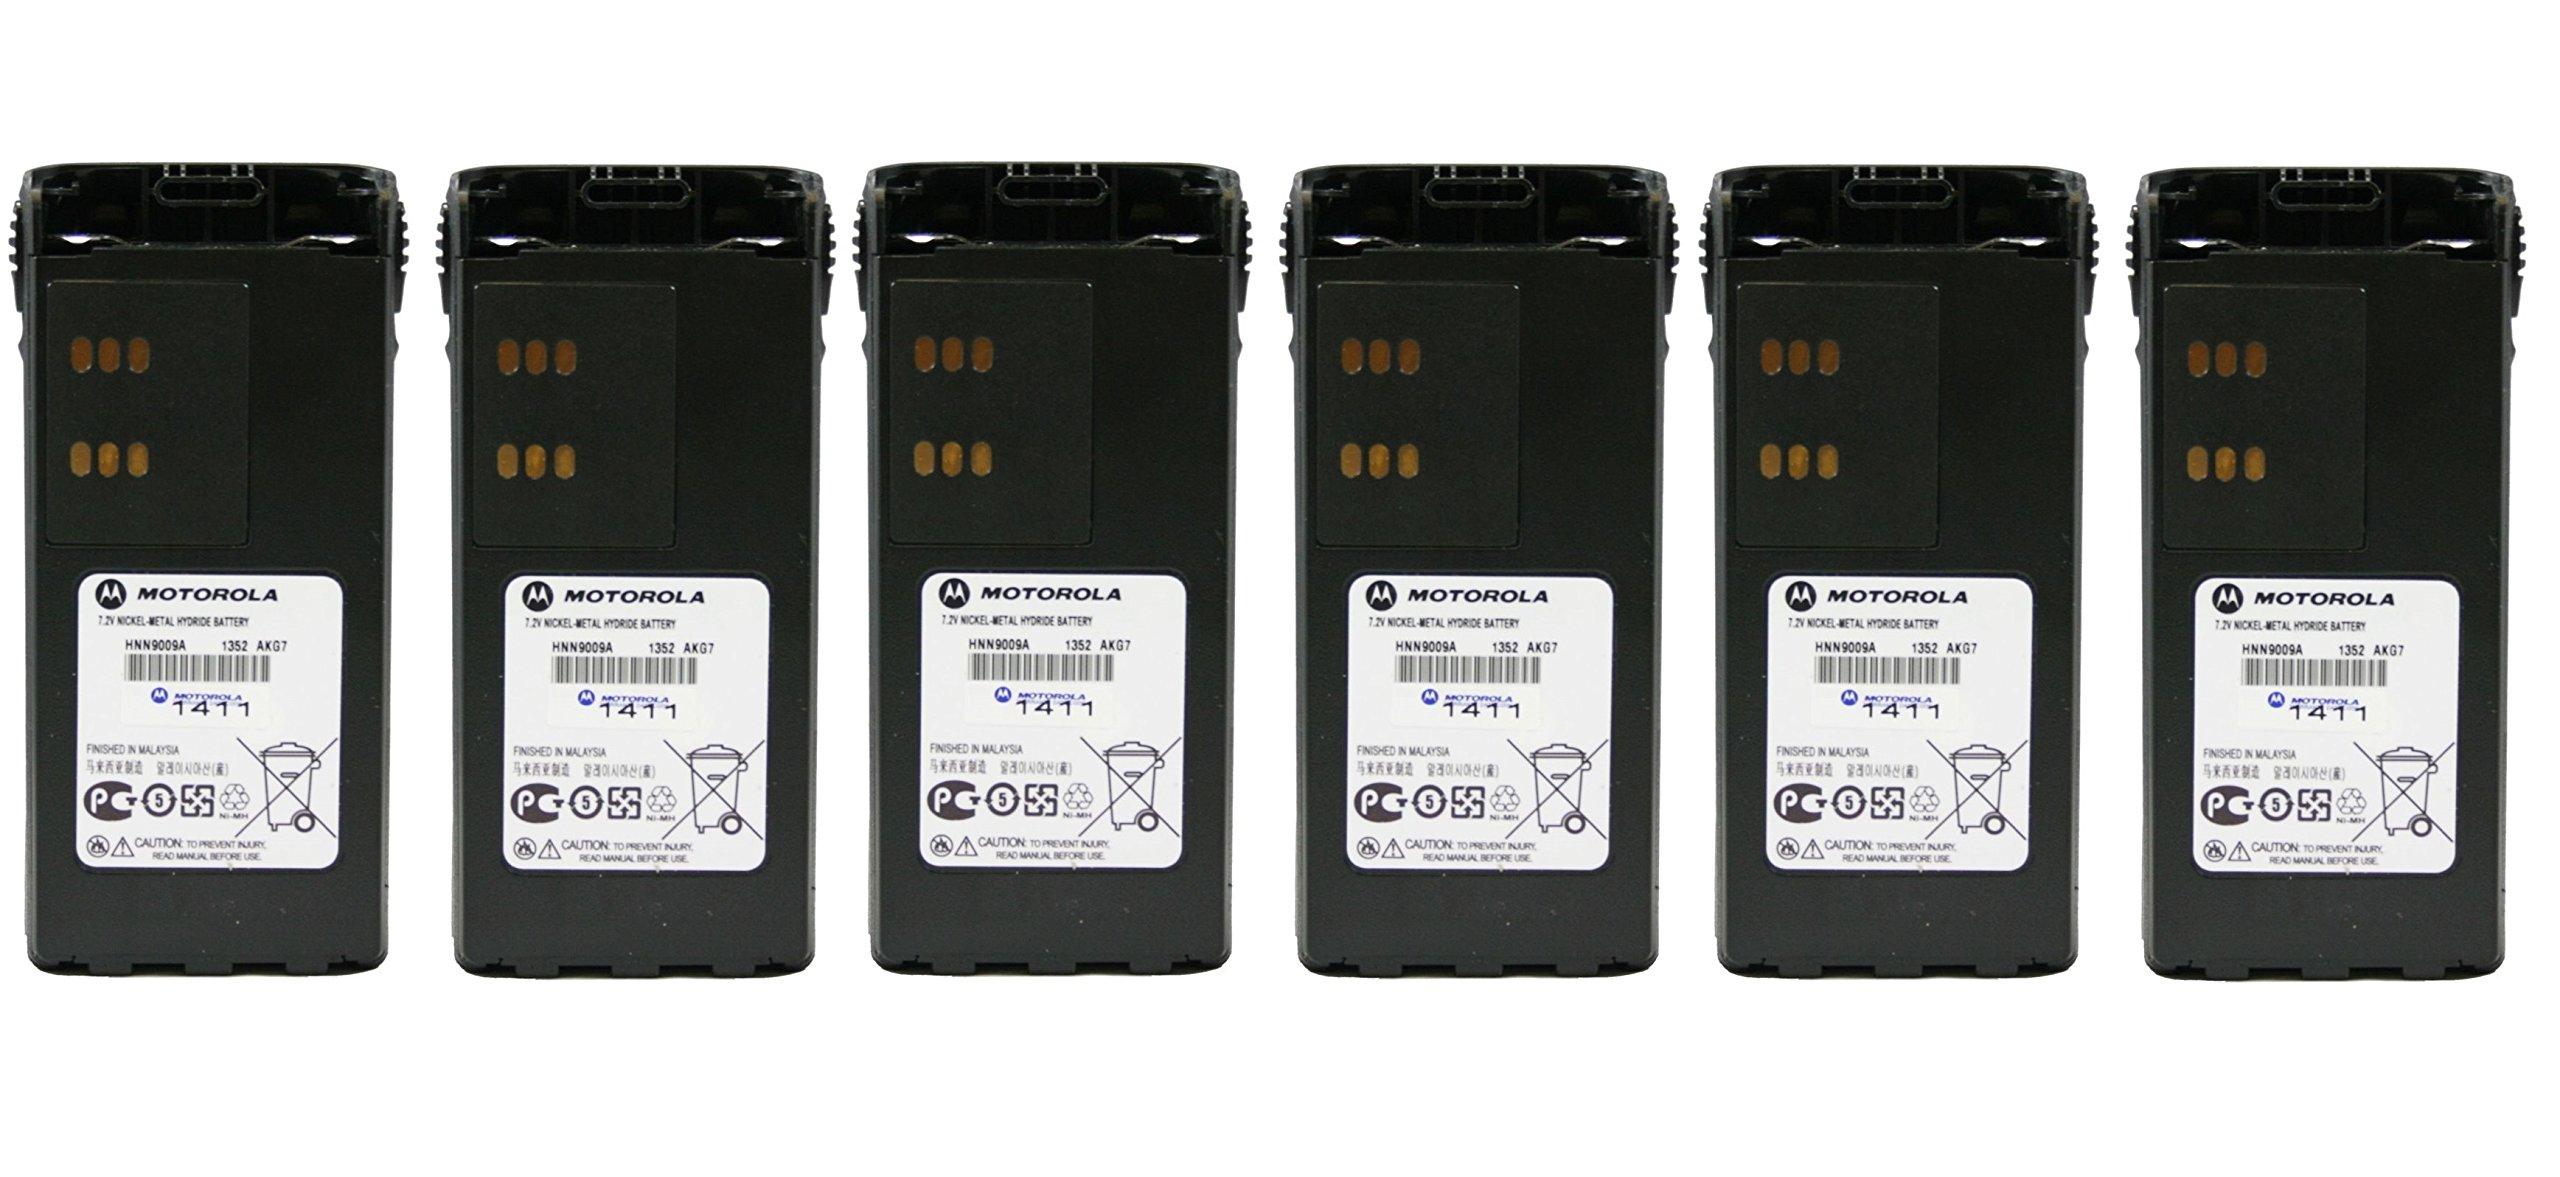 New MOTOROLA OEM HNN9009 BATTERY 6 Pack 7.2V NI-MH 1900 MAH works with for HT750 HT1250 HT1250LS PR860 MTX850 MTX950 MTX9250 MTX8250 HT1550Radio